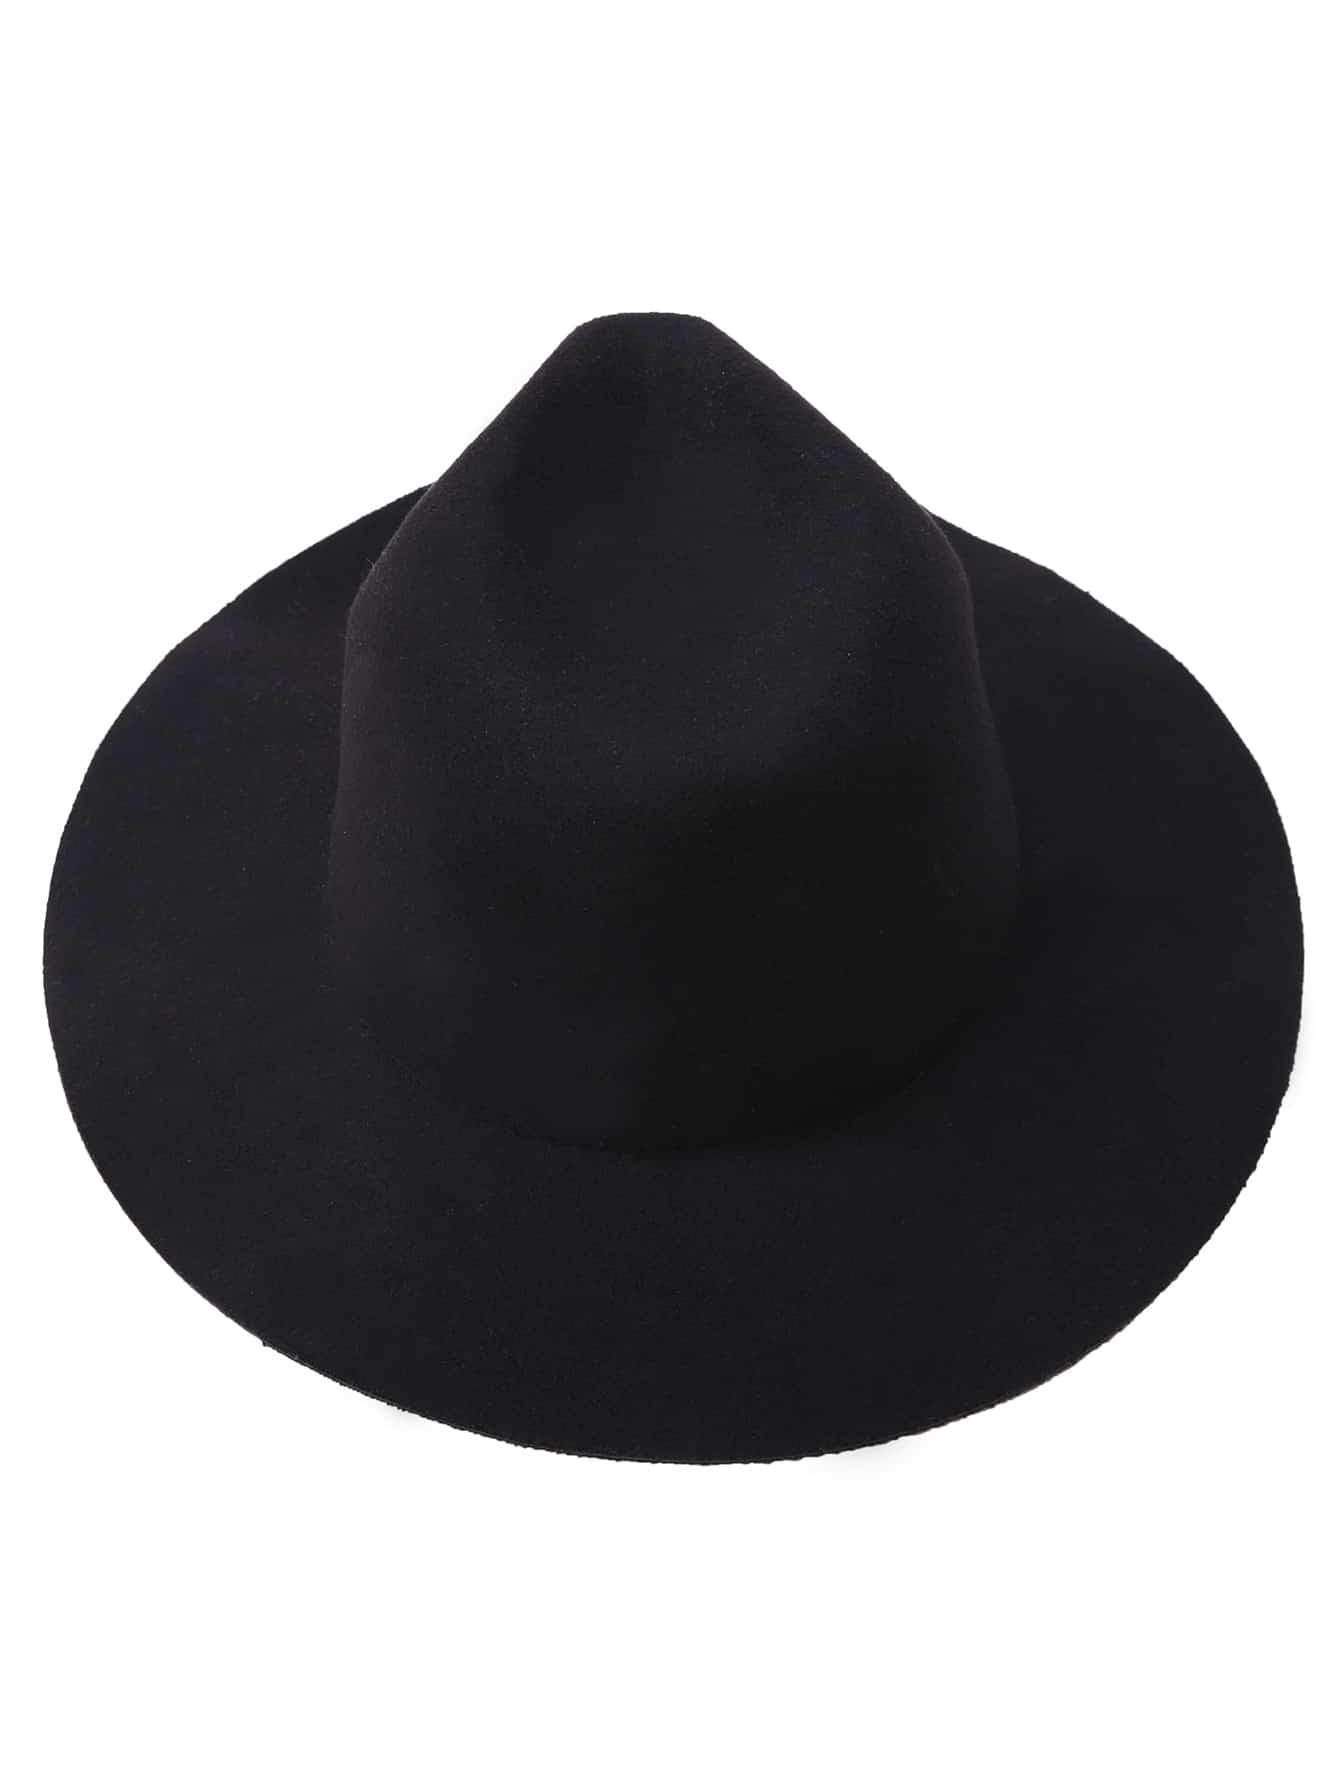 hat160905306_2